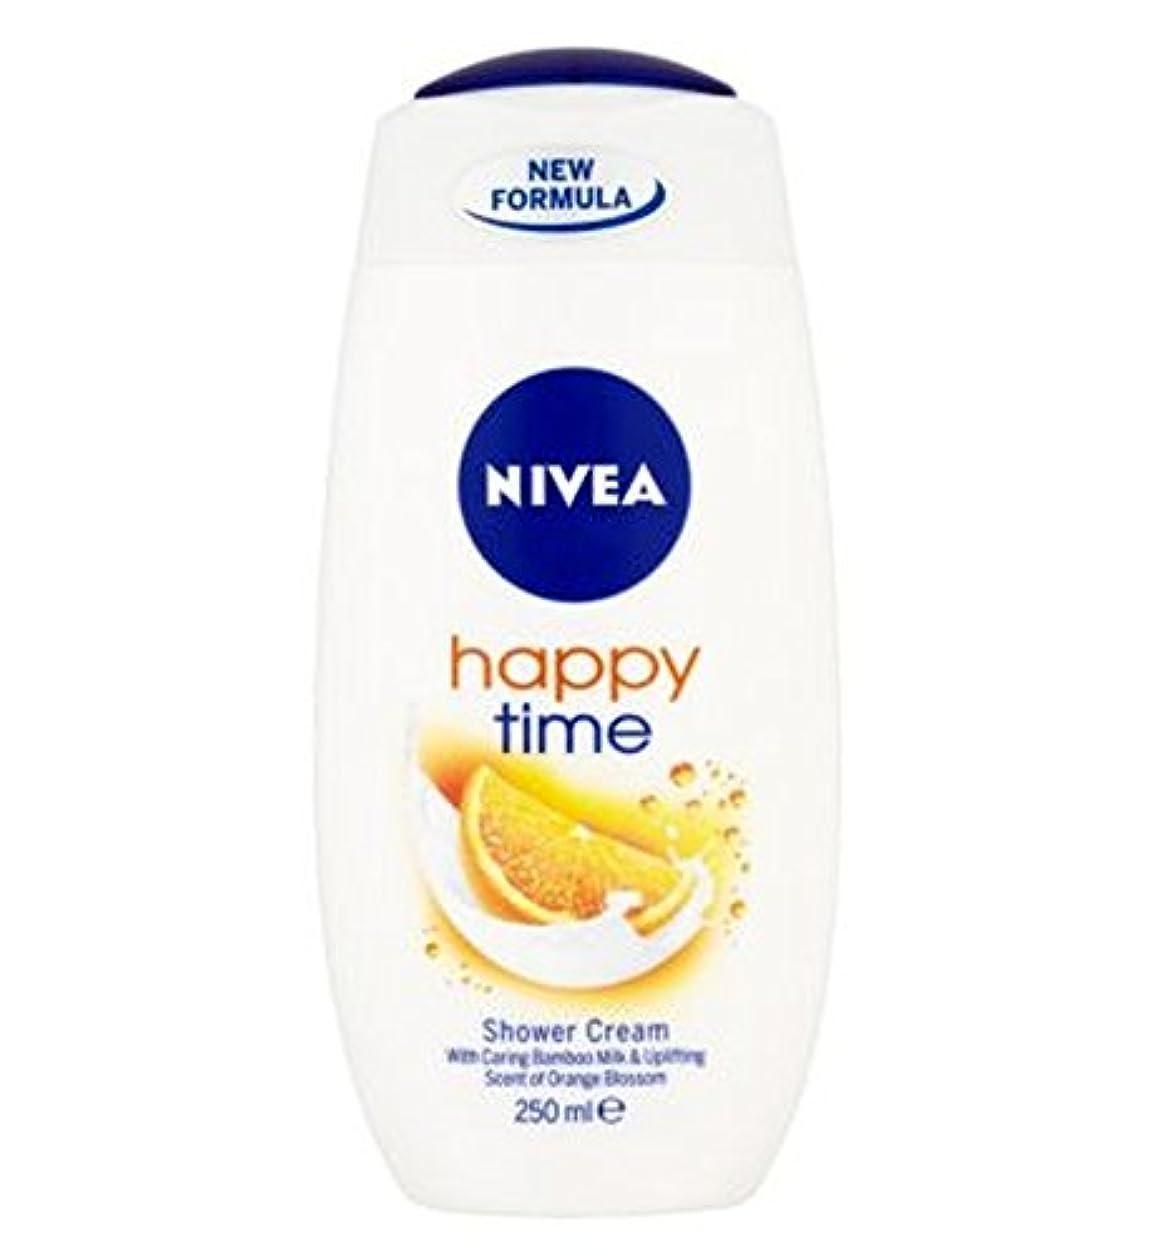 残るクスクス測定可能NIVEA Happy Time Shower Cream 250ml - ニベア幸せな時間シャワークリーム250ミリリットル (Nivea) [並行輸入品]